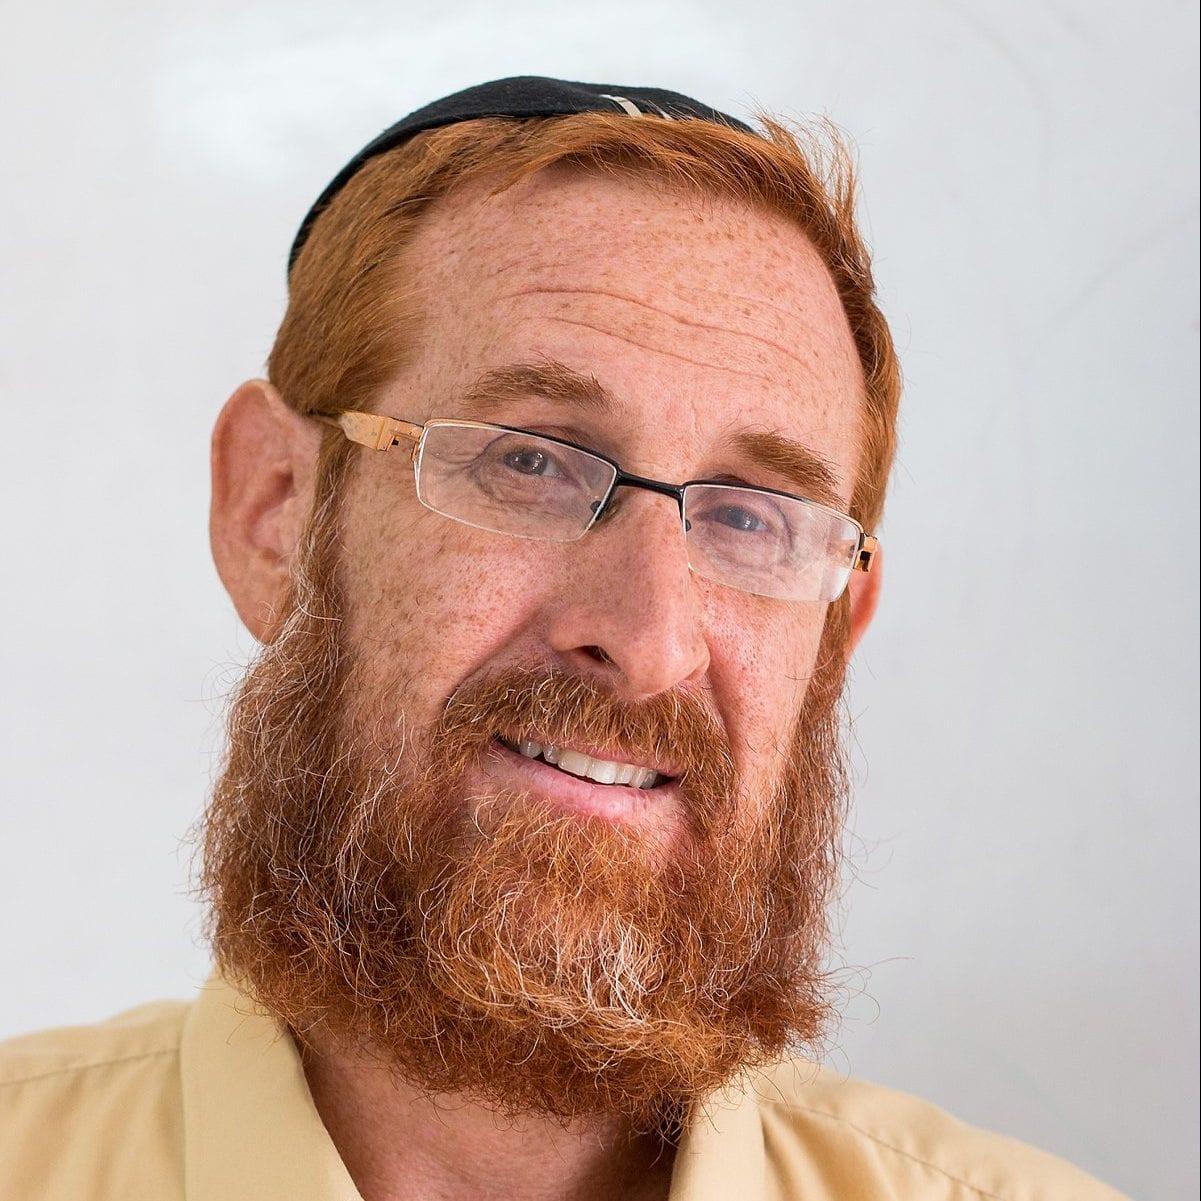 rabbi-yehuda-glick